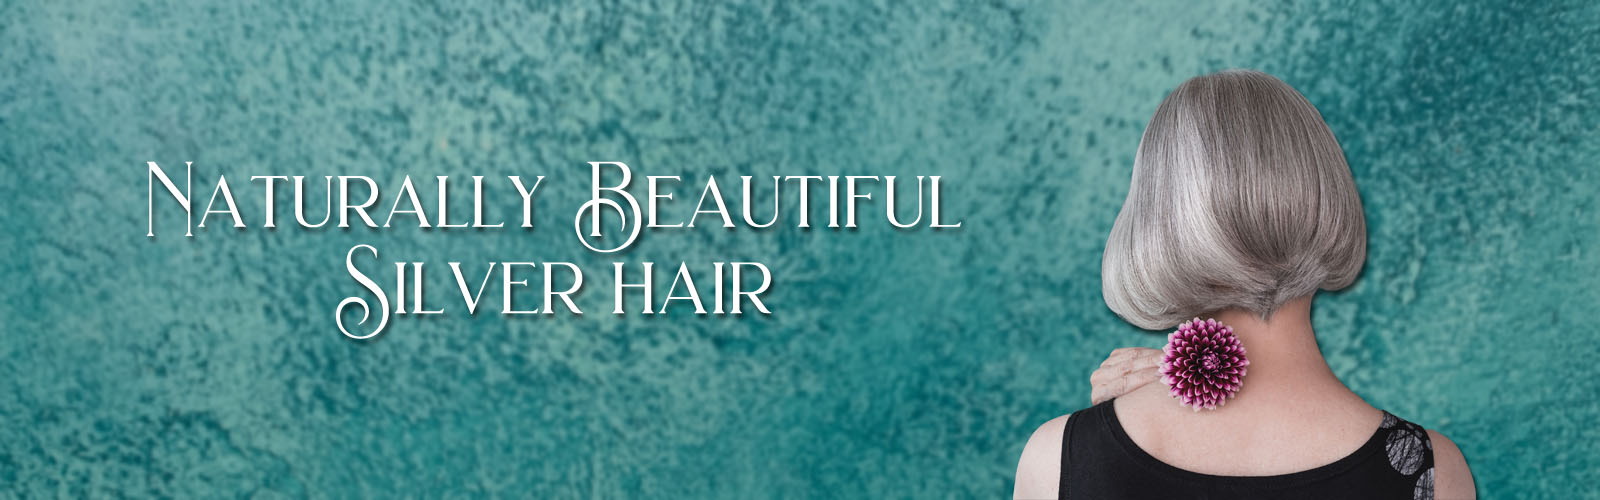 Naturally Beautiful Silver Hair Banner header image